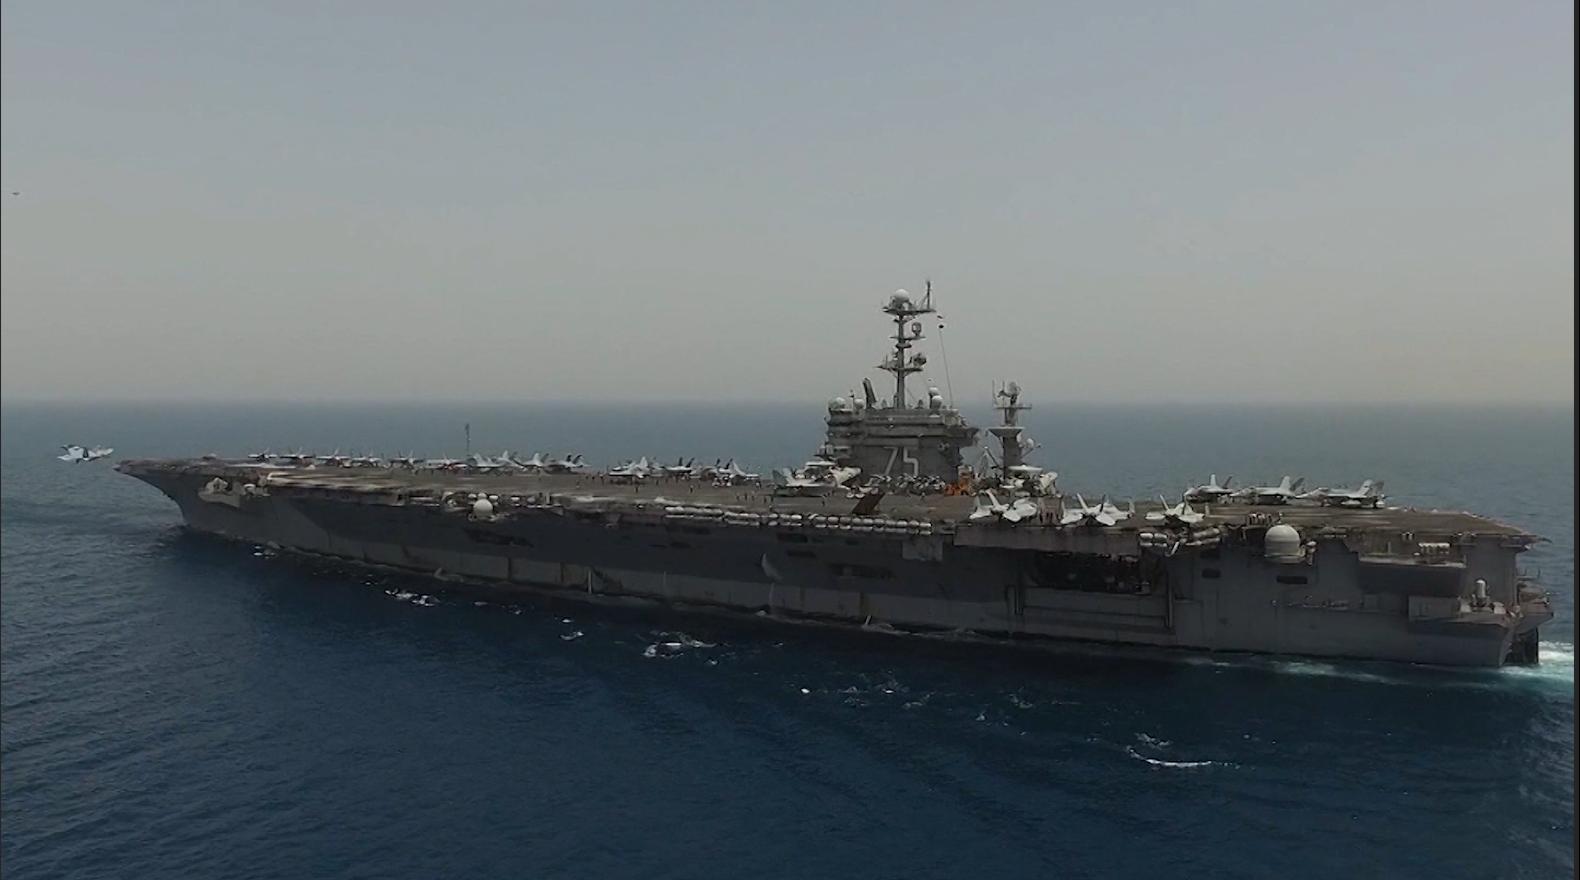 أمريكا تقترب خطوة من صفوف داعش بحاملة طائرات في المتوسط